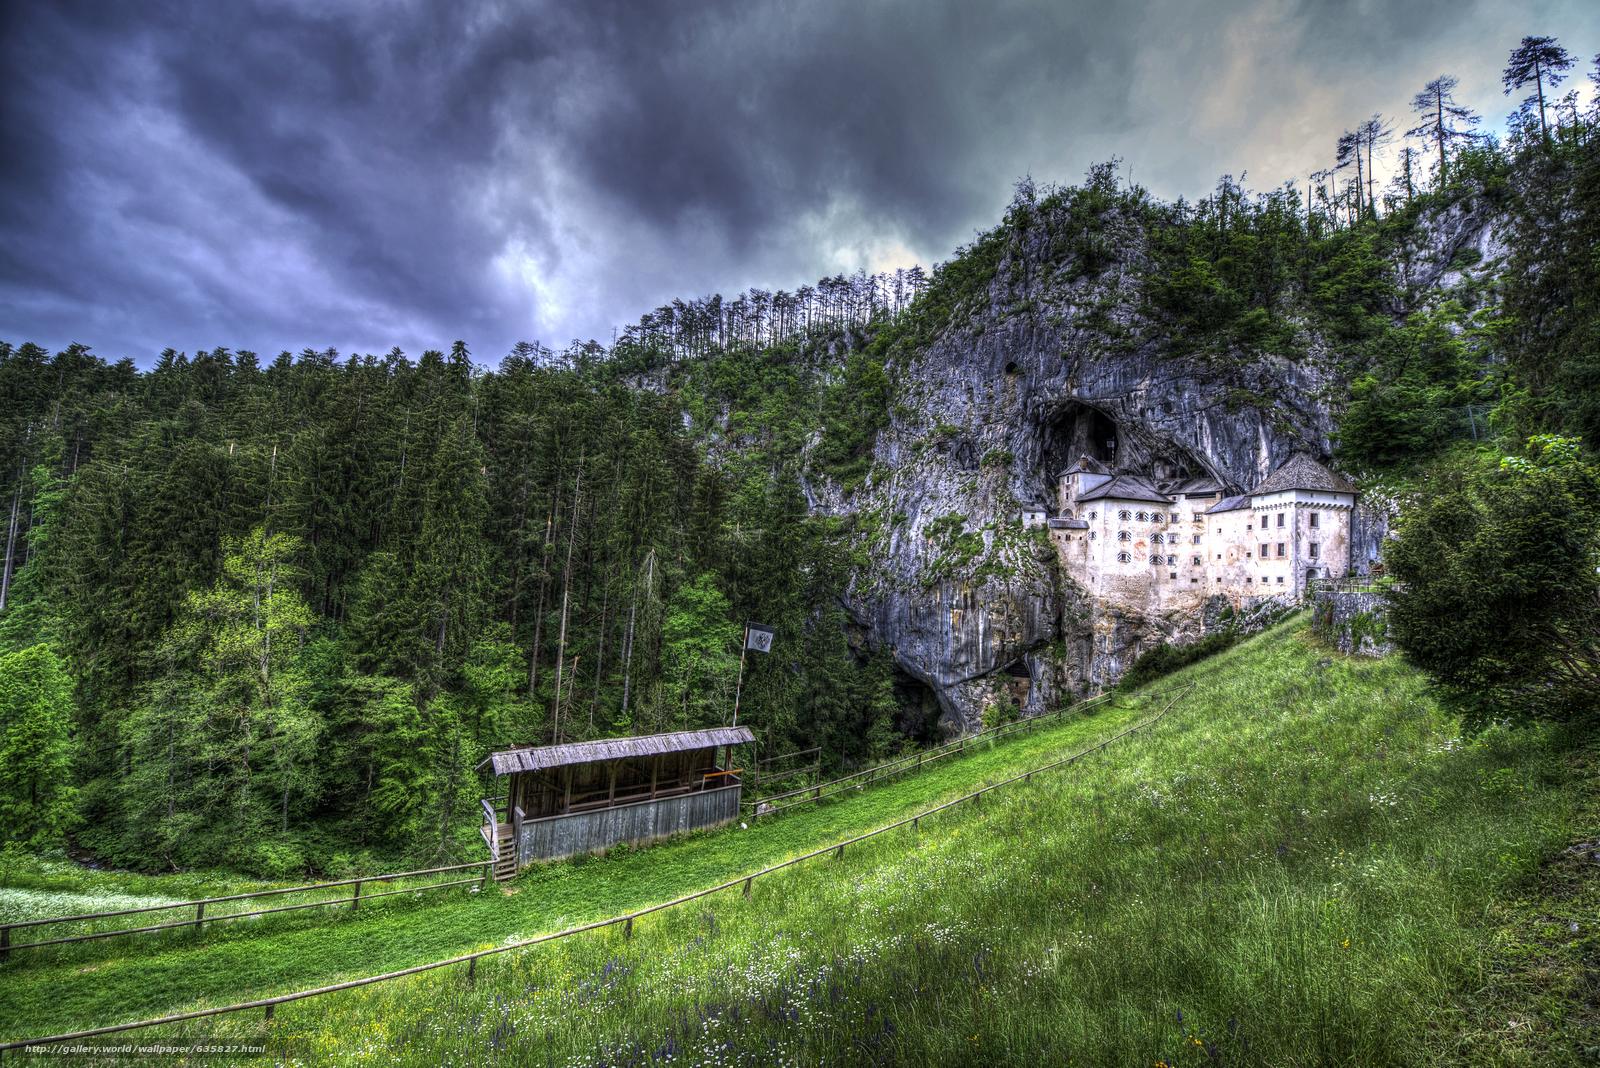 Скачать обои Словения,  Предъямский замок,  пейзаж бесплатно для рабочего стола в разрешении 6016x4016 — картинка №635827